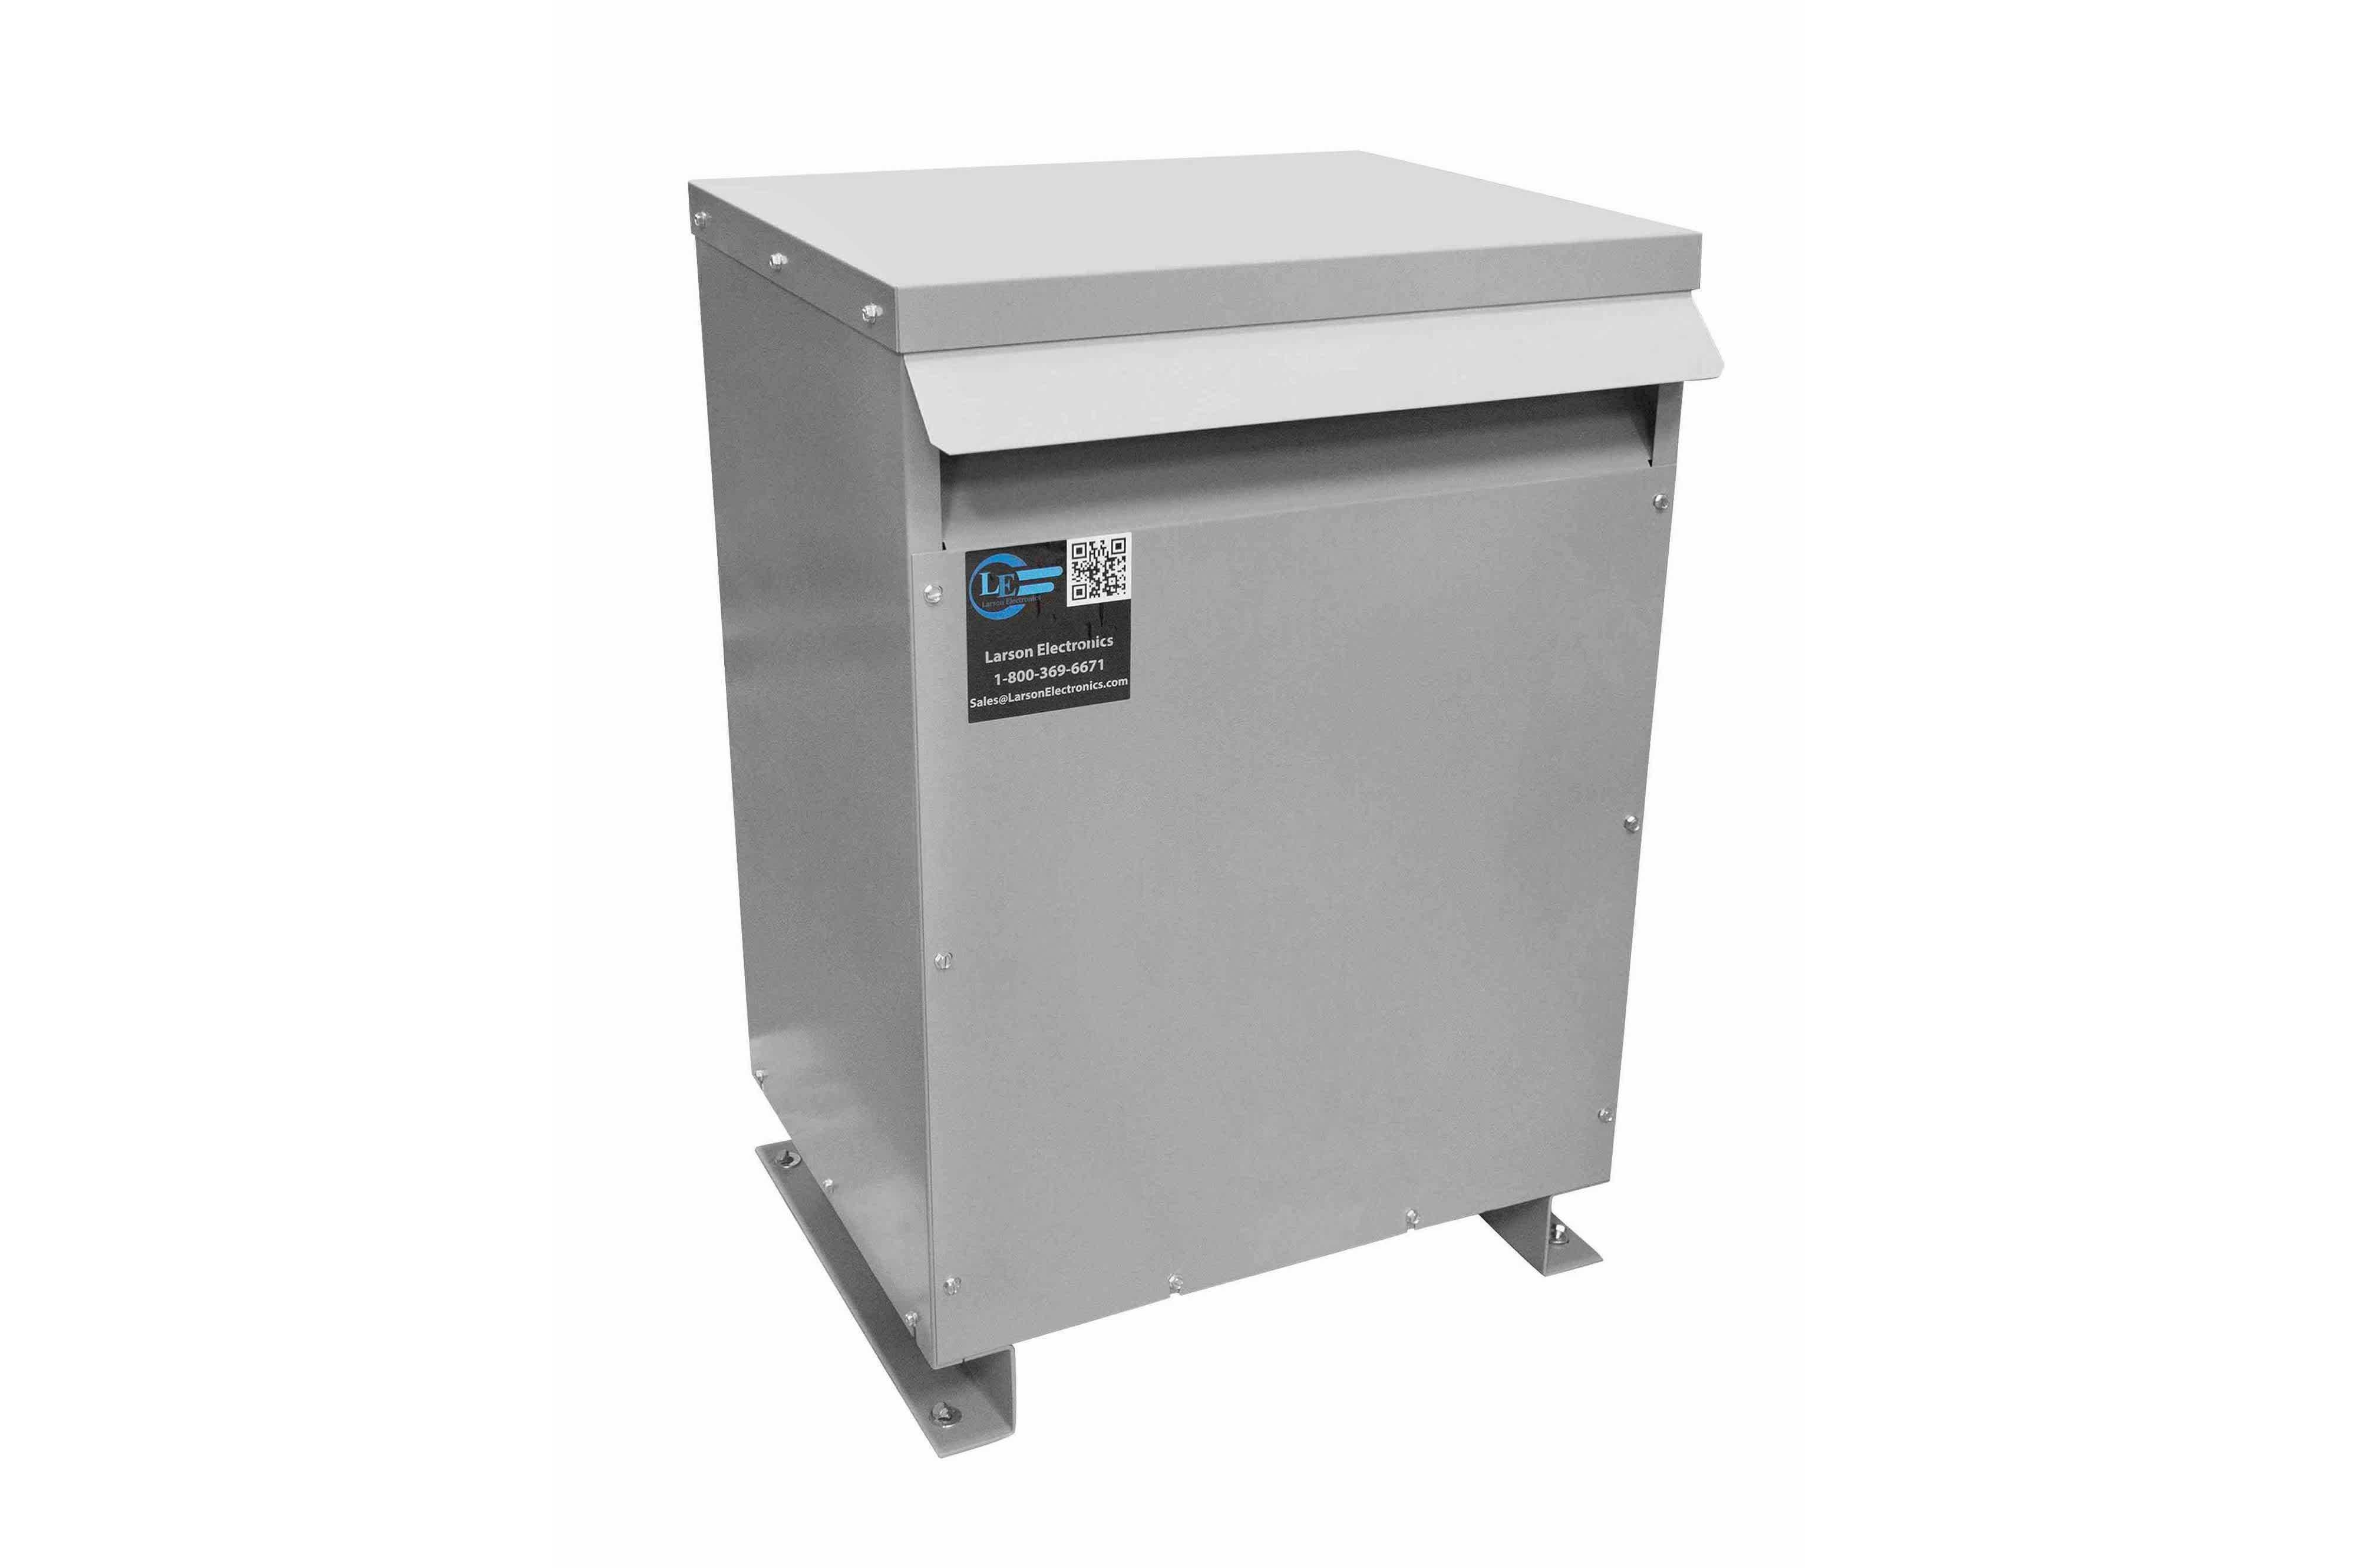 500 kVA 3PH Isolation Transformer, 415V Delta Primary, 600V Delta Secondary, N3R, Ventilated, 60 Hz